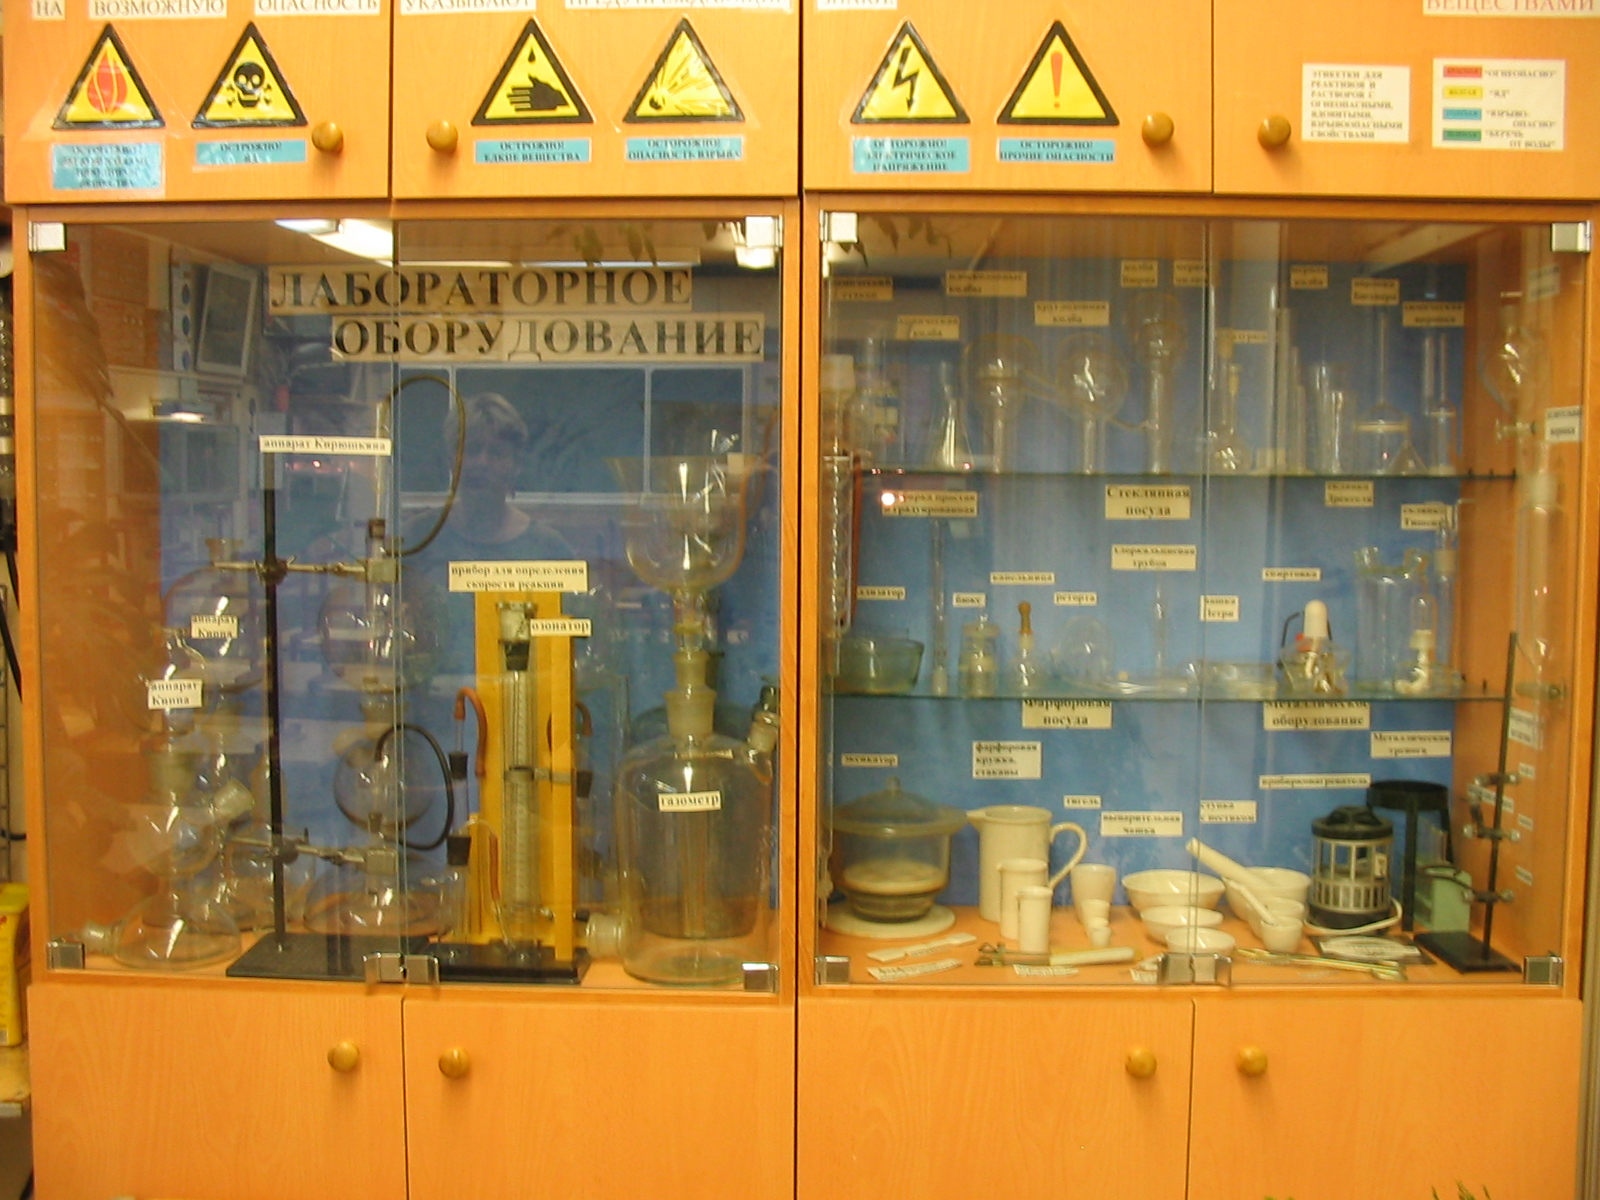 Лабораторная мебель и лабораторное оборудование, предлагаемые нашей компанией - это качество по доступной цене